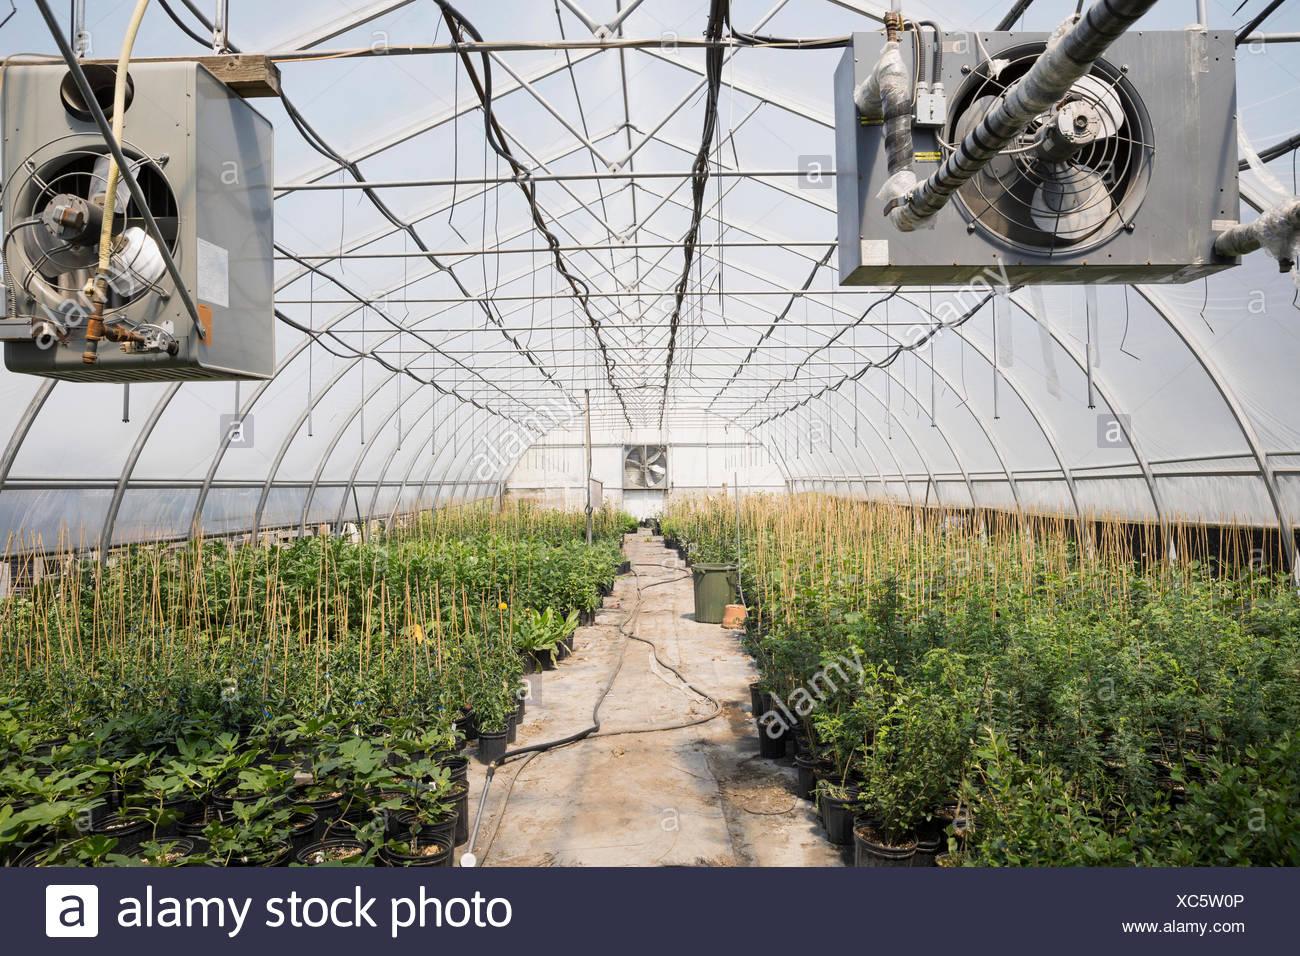 Reihen von Pflanzen im Gewächshaus Stockbild